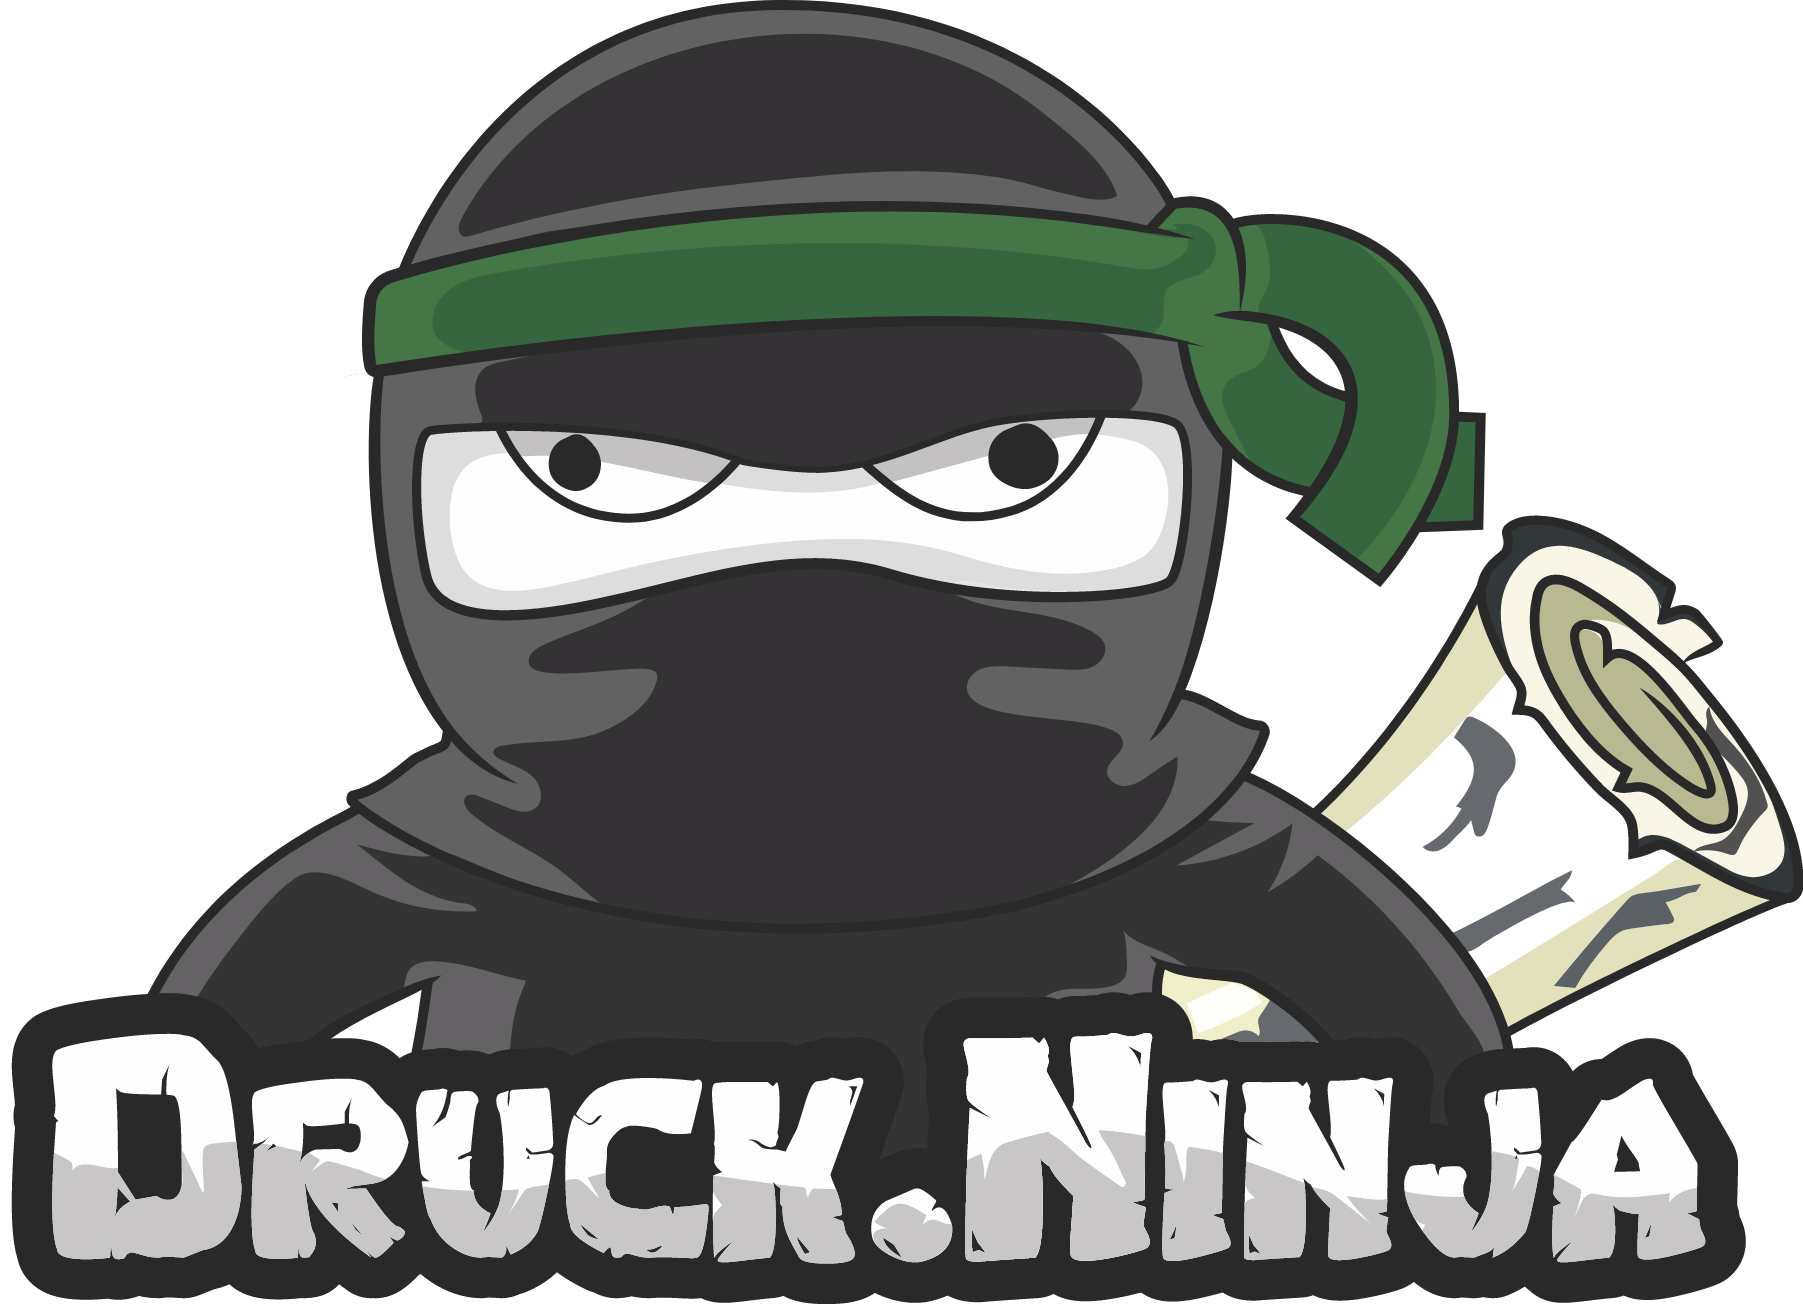 Der Druck Ninja Druckservice Und Copyshop In Hannover